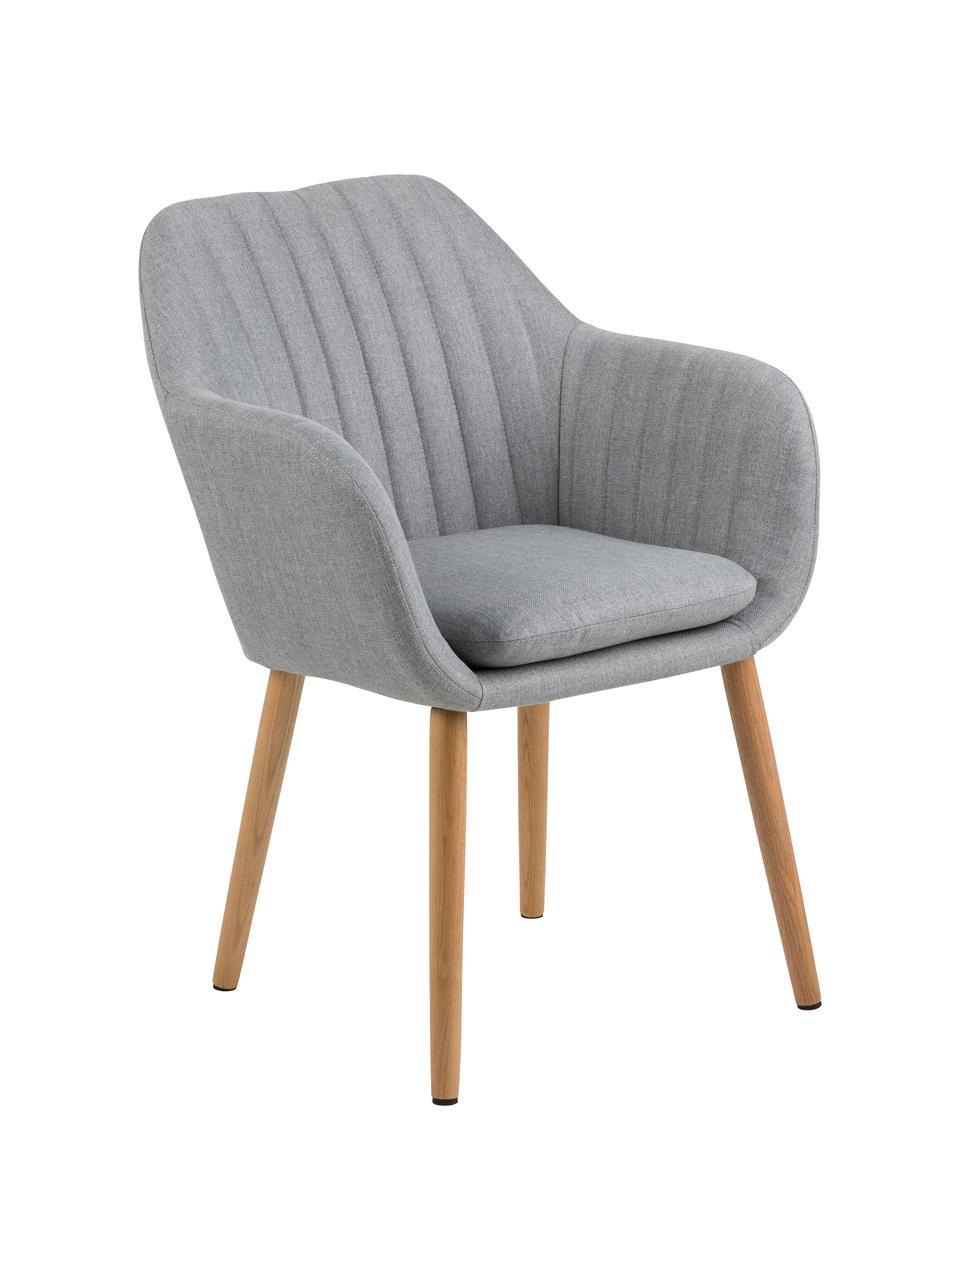 Čalouněná židle spodručkami a dřevěnými nohami Emilia, Světle šedá, Nohy dub